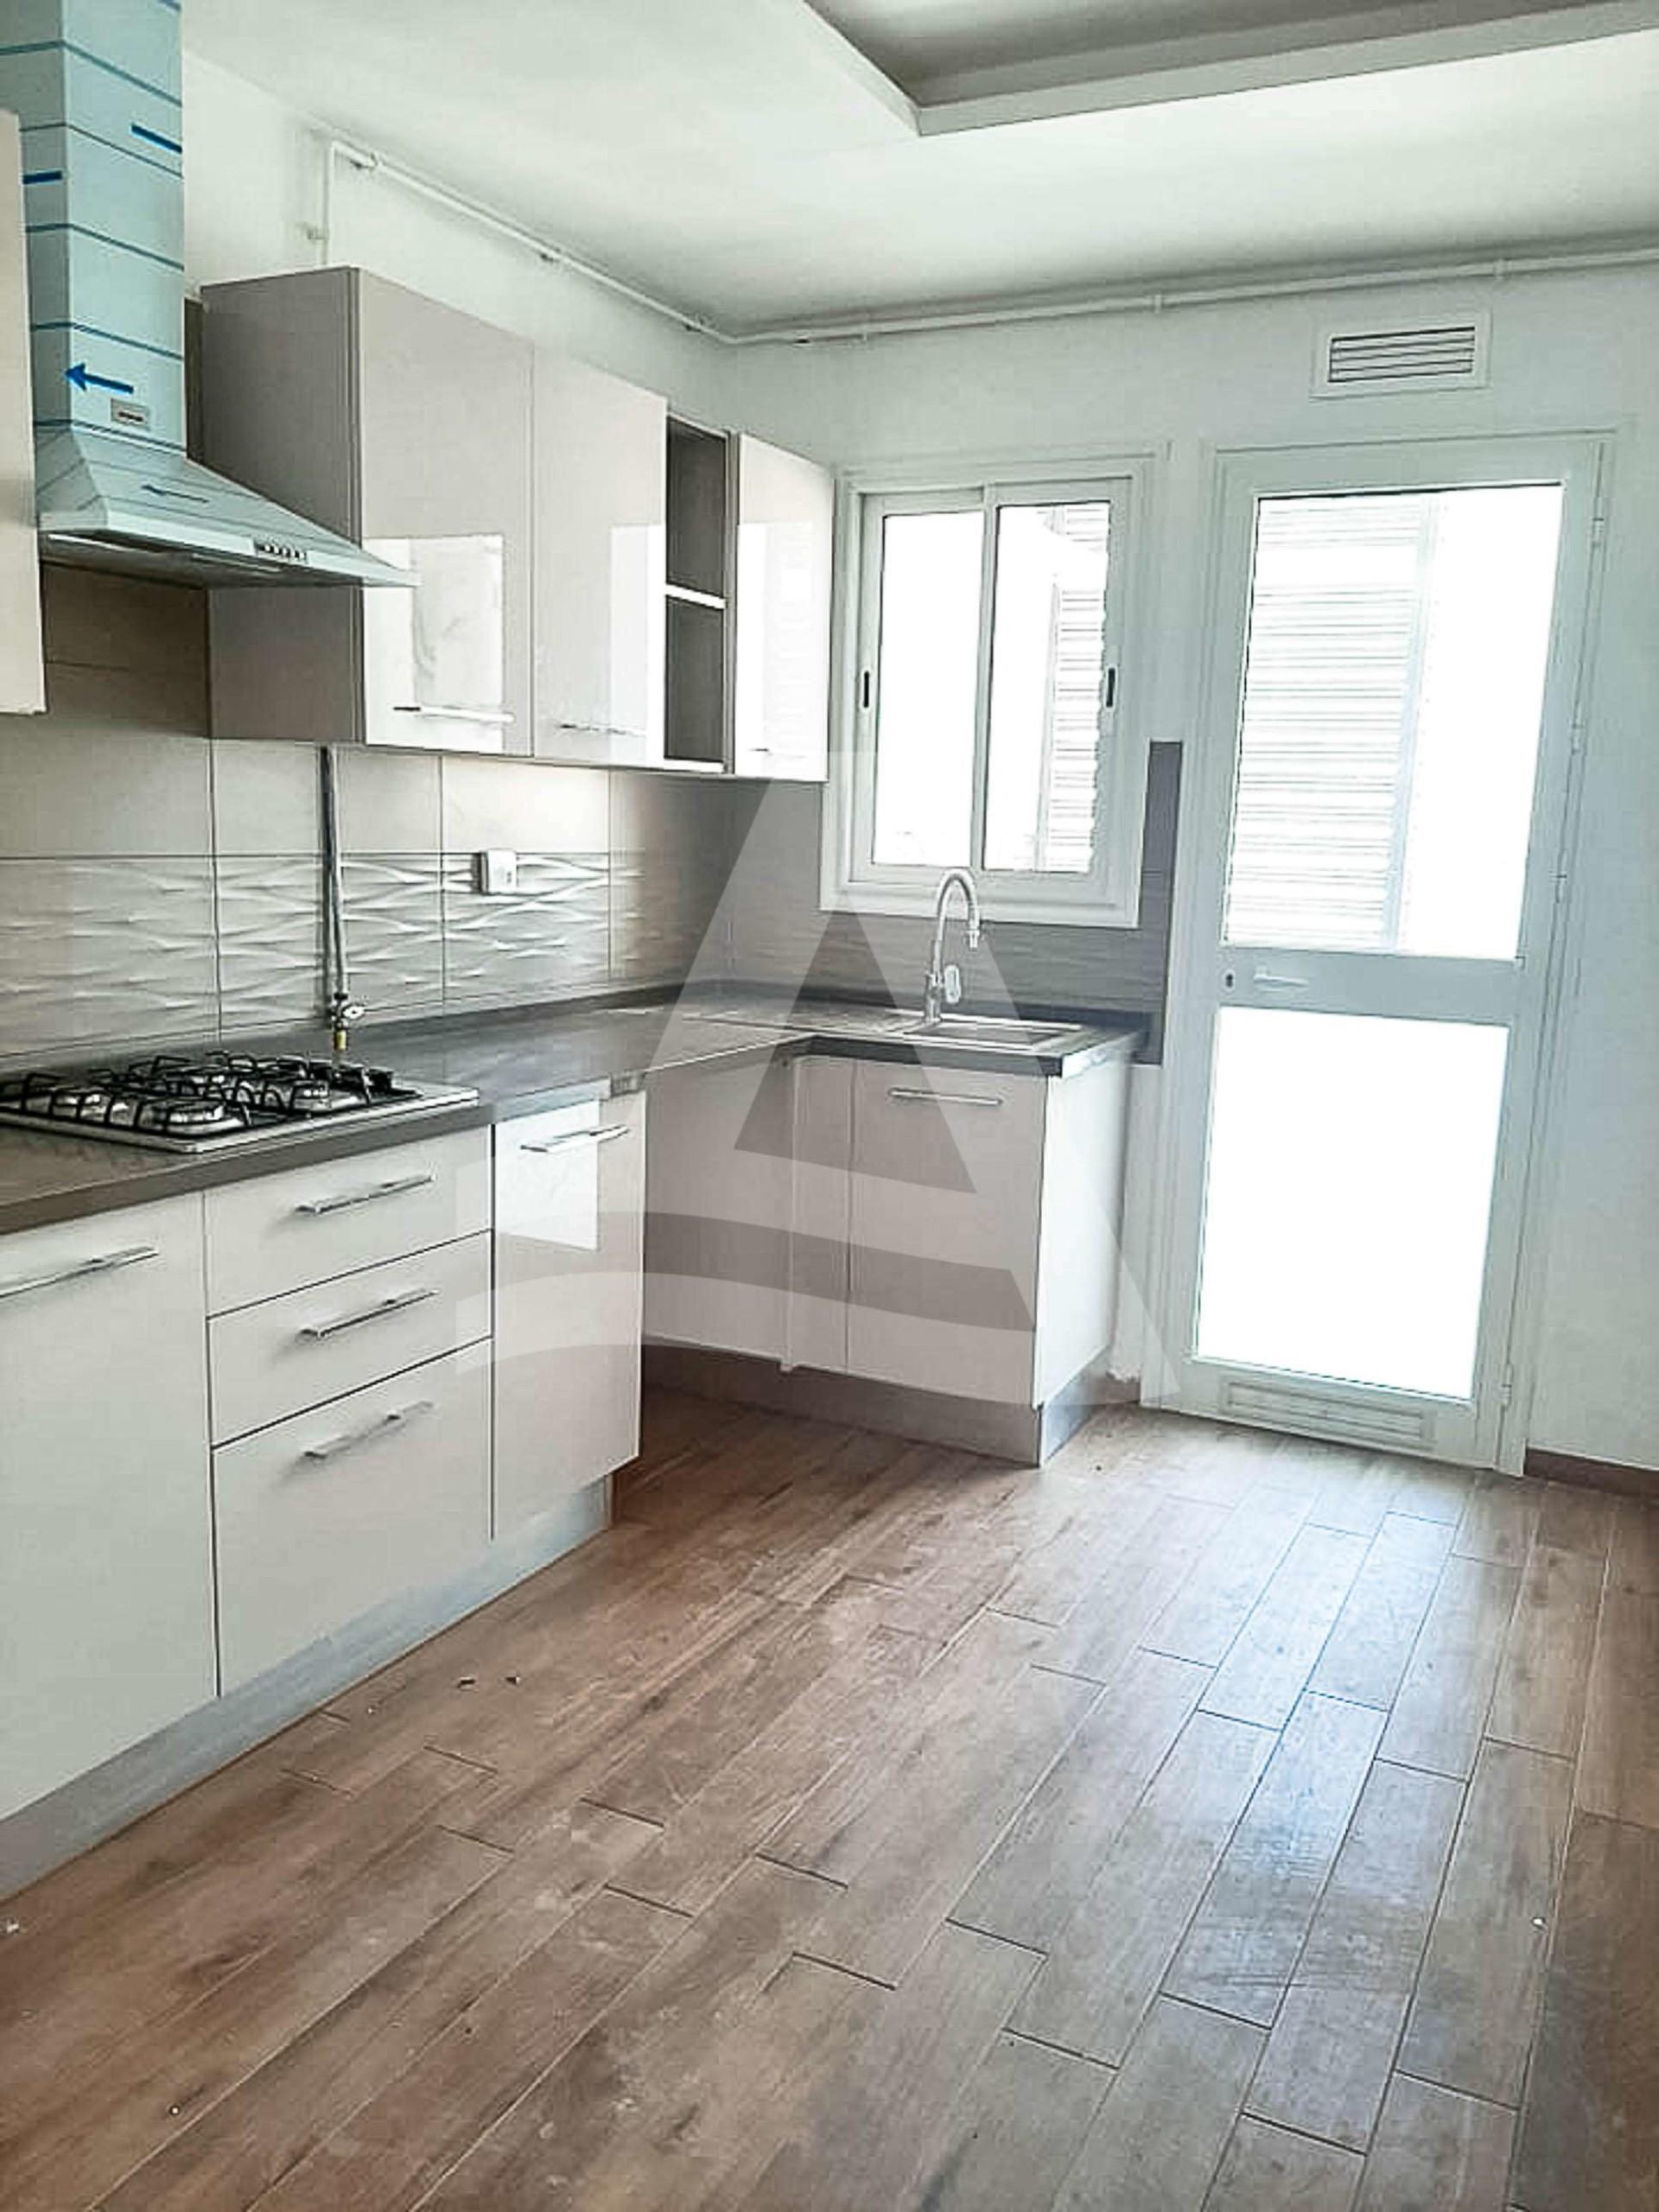 httpss3.amazonaws.comlogimoaws16689503191599491837_Arcane_immobilière_la_Marsa-_location_-_vente_la_marsa__-3